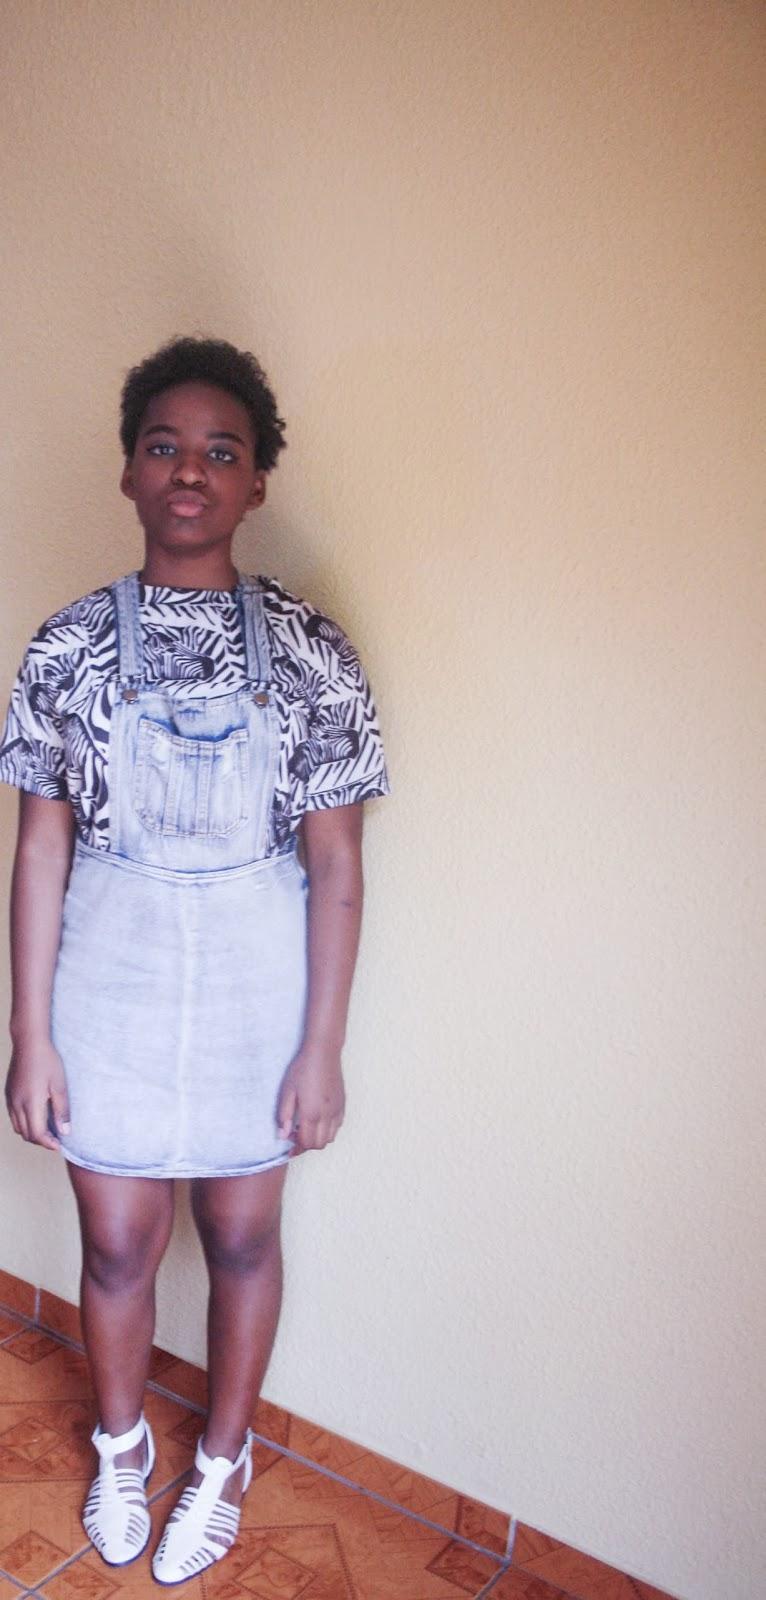 hipster alternative black girl